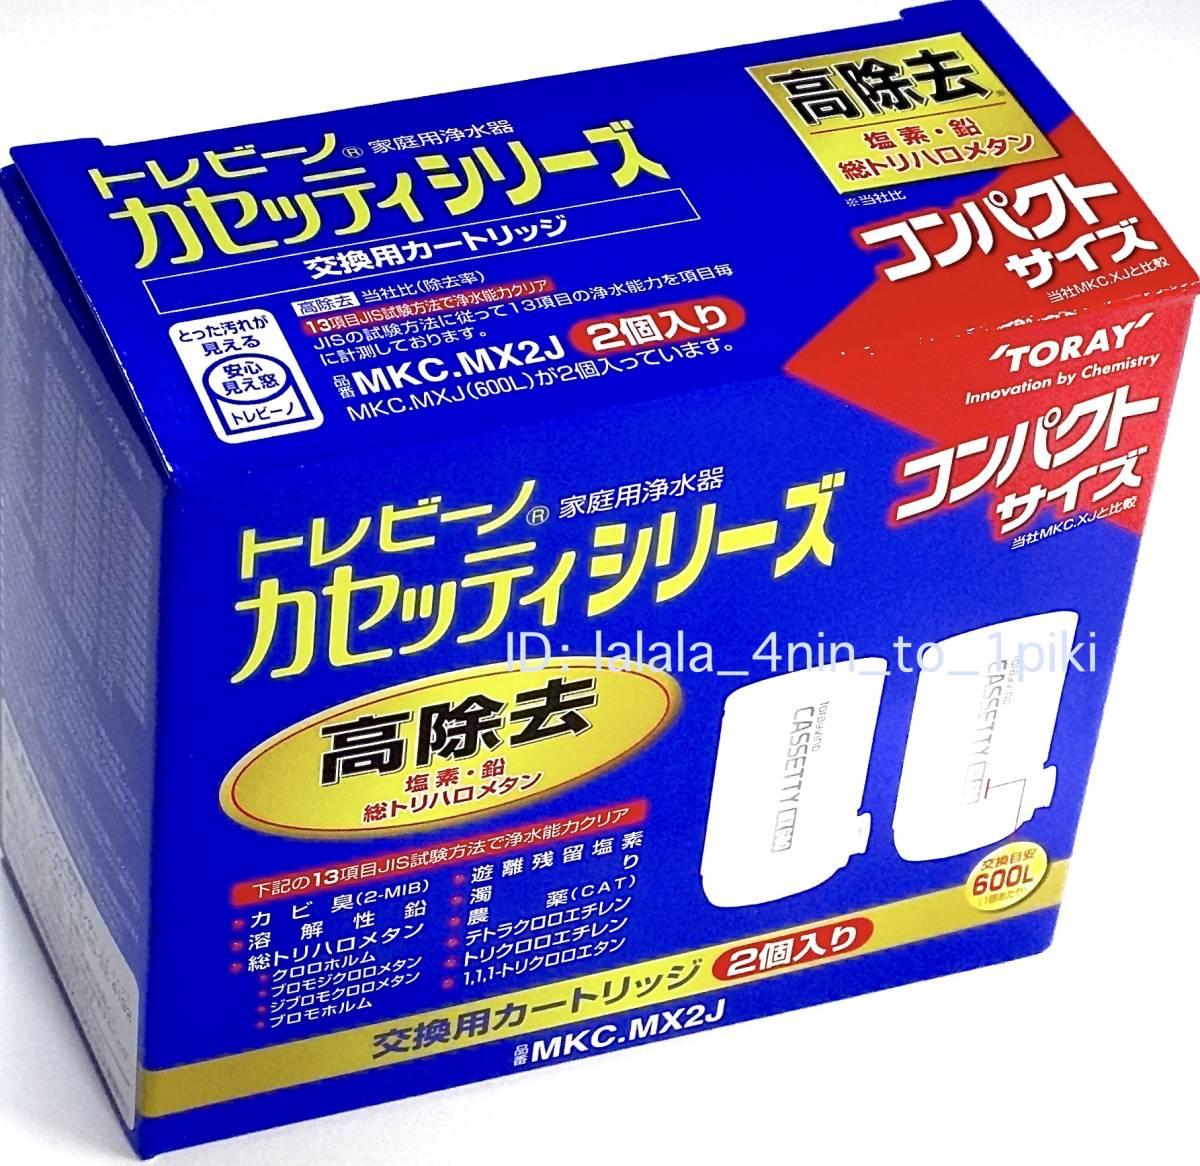 1箱に2本入、「新品未開封」です